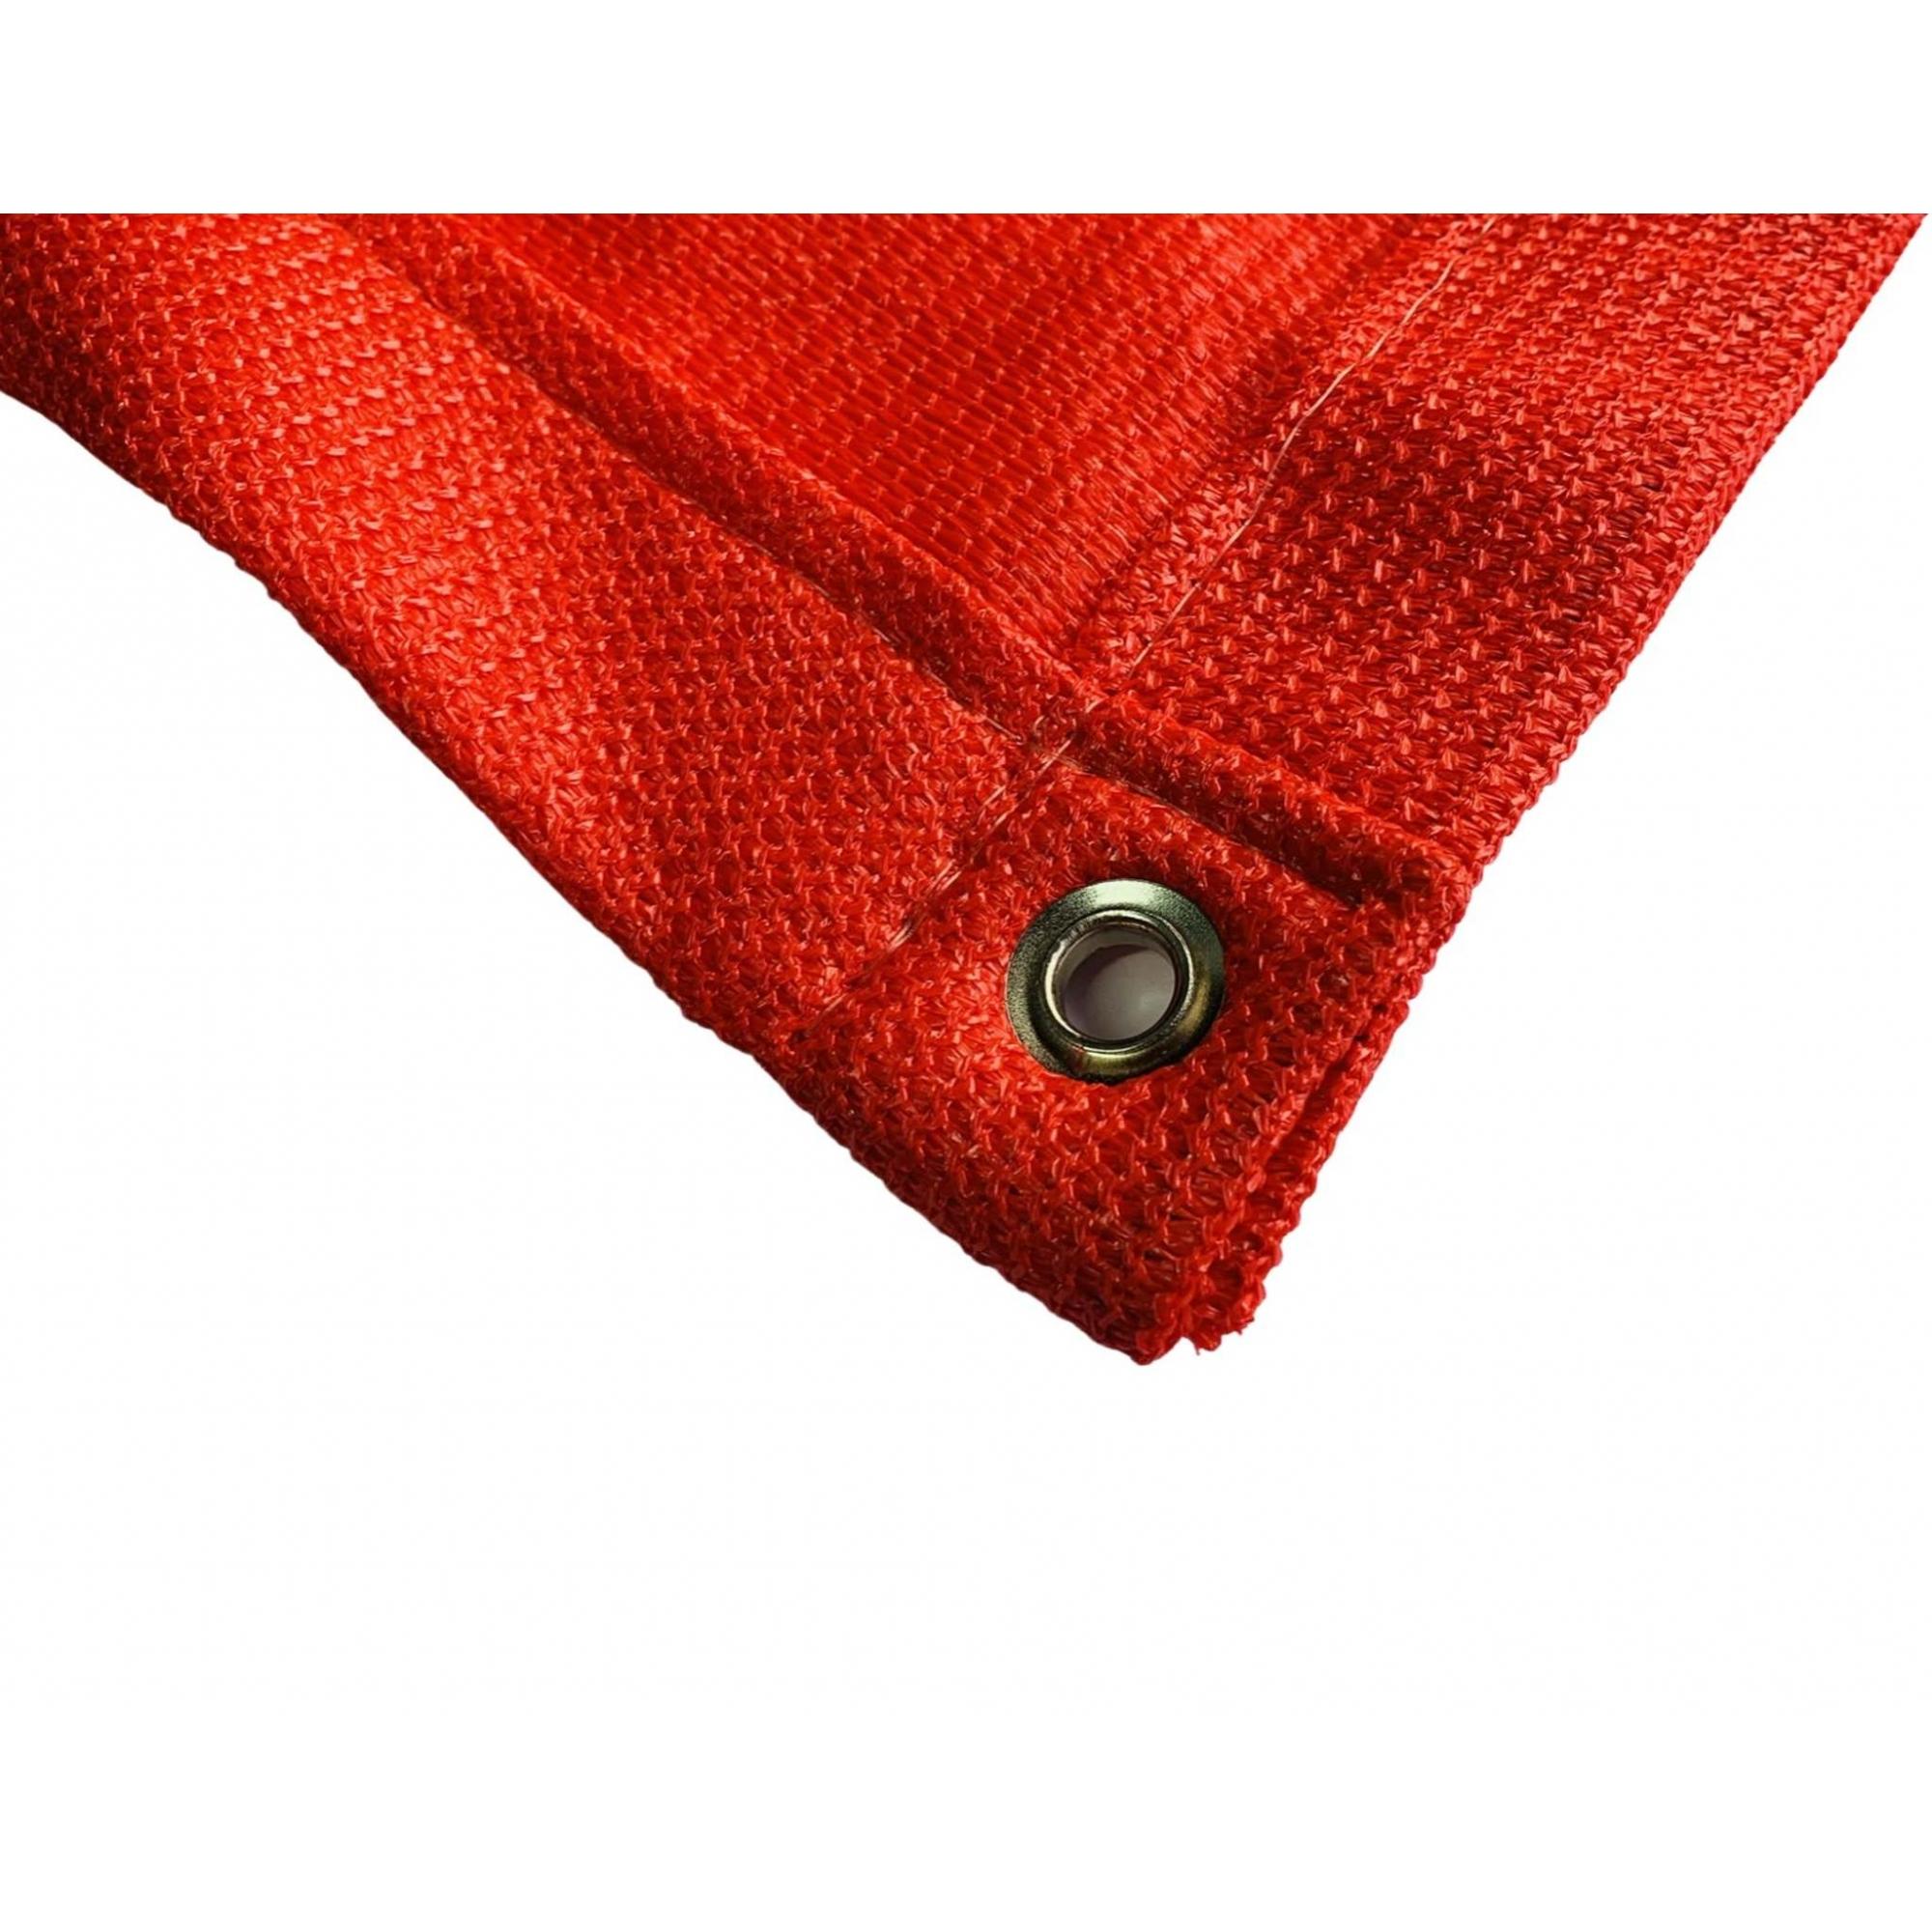 Tela de Sombreamento 90% Vermelha com Bainha e Ilhós - Largura: 4 Metros